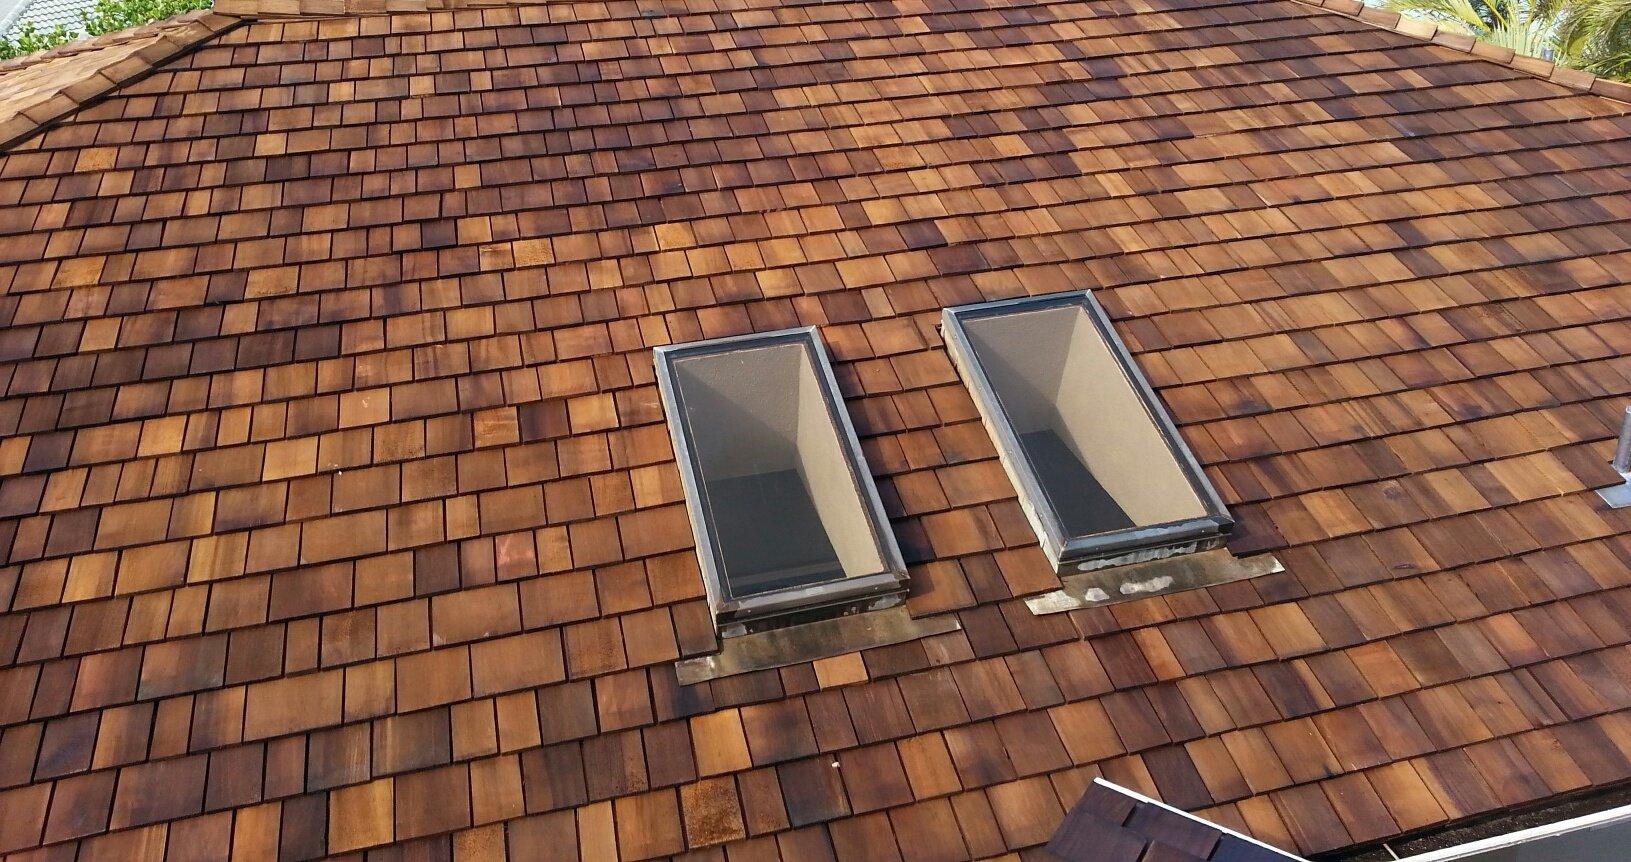 Honolulu Hi Roofers Roofing Plan Roof Leaks